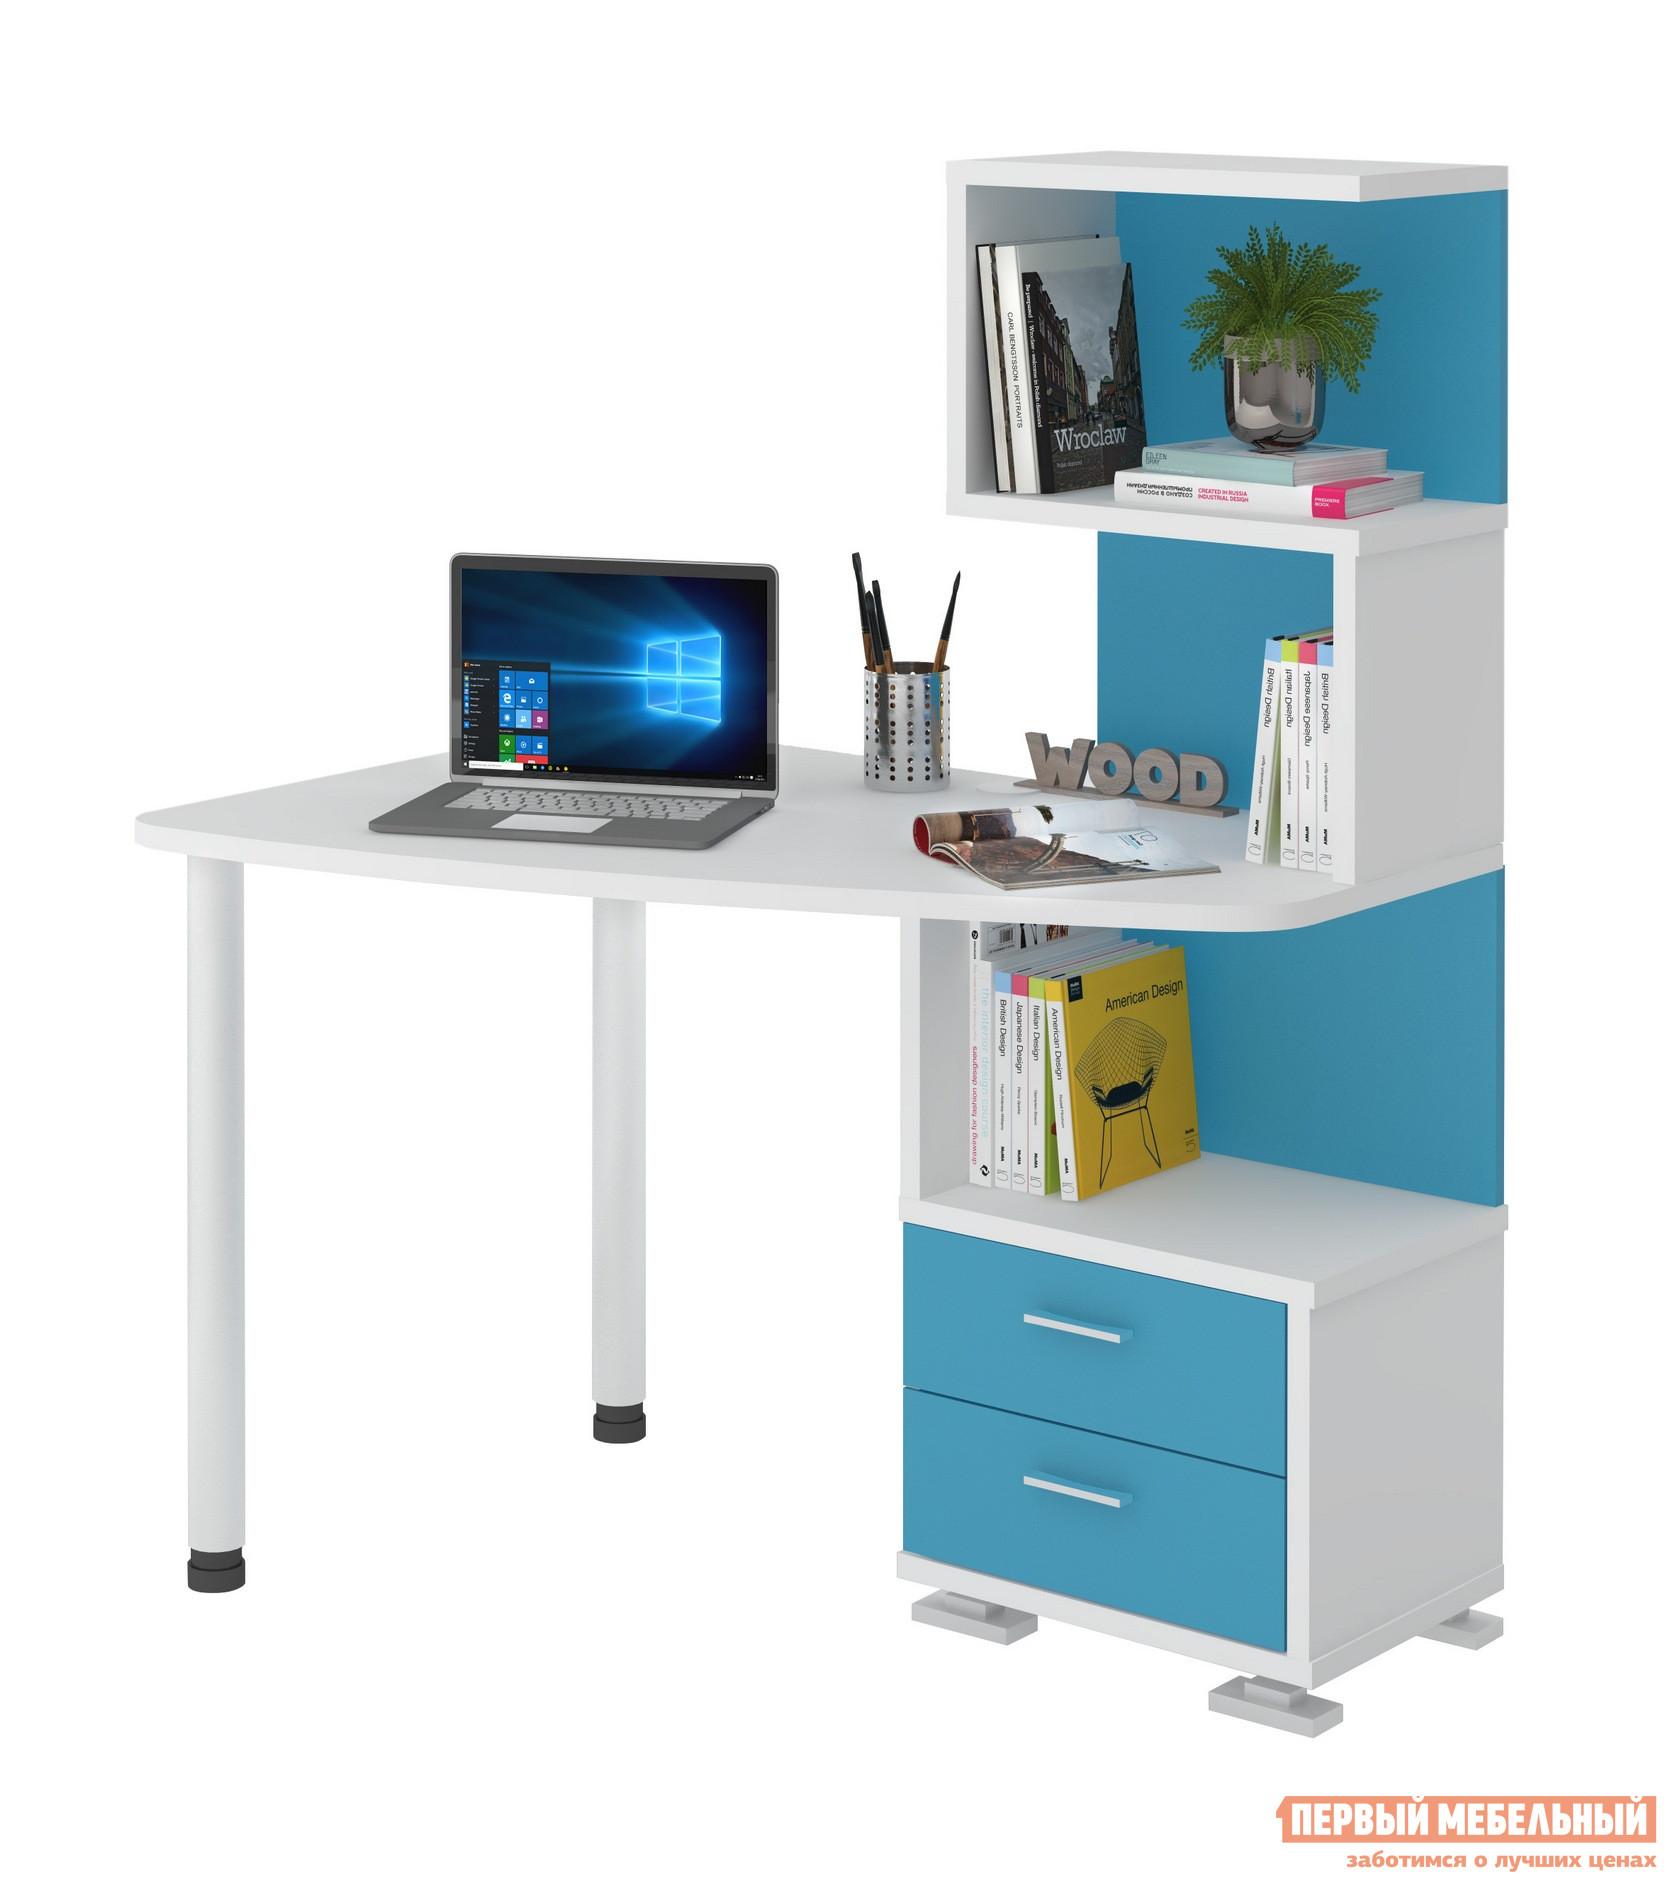 Компьютерный стол Мэрдэс СКМ-60 Белый жемчуг / Синий мрамор, Левый